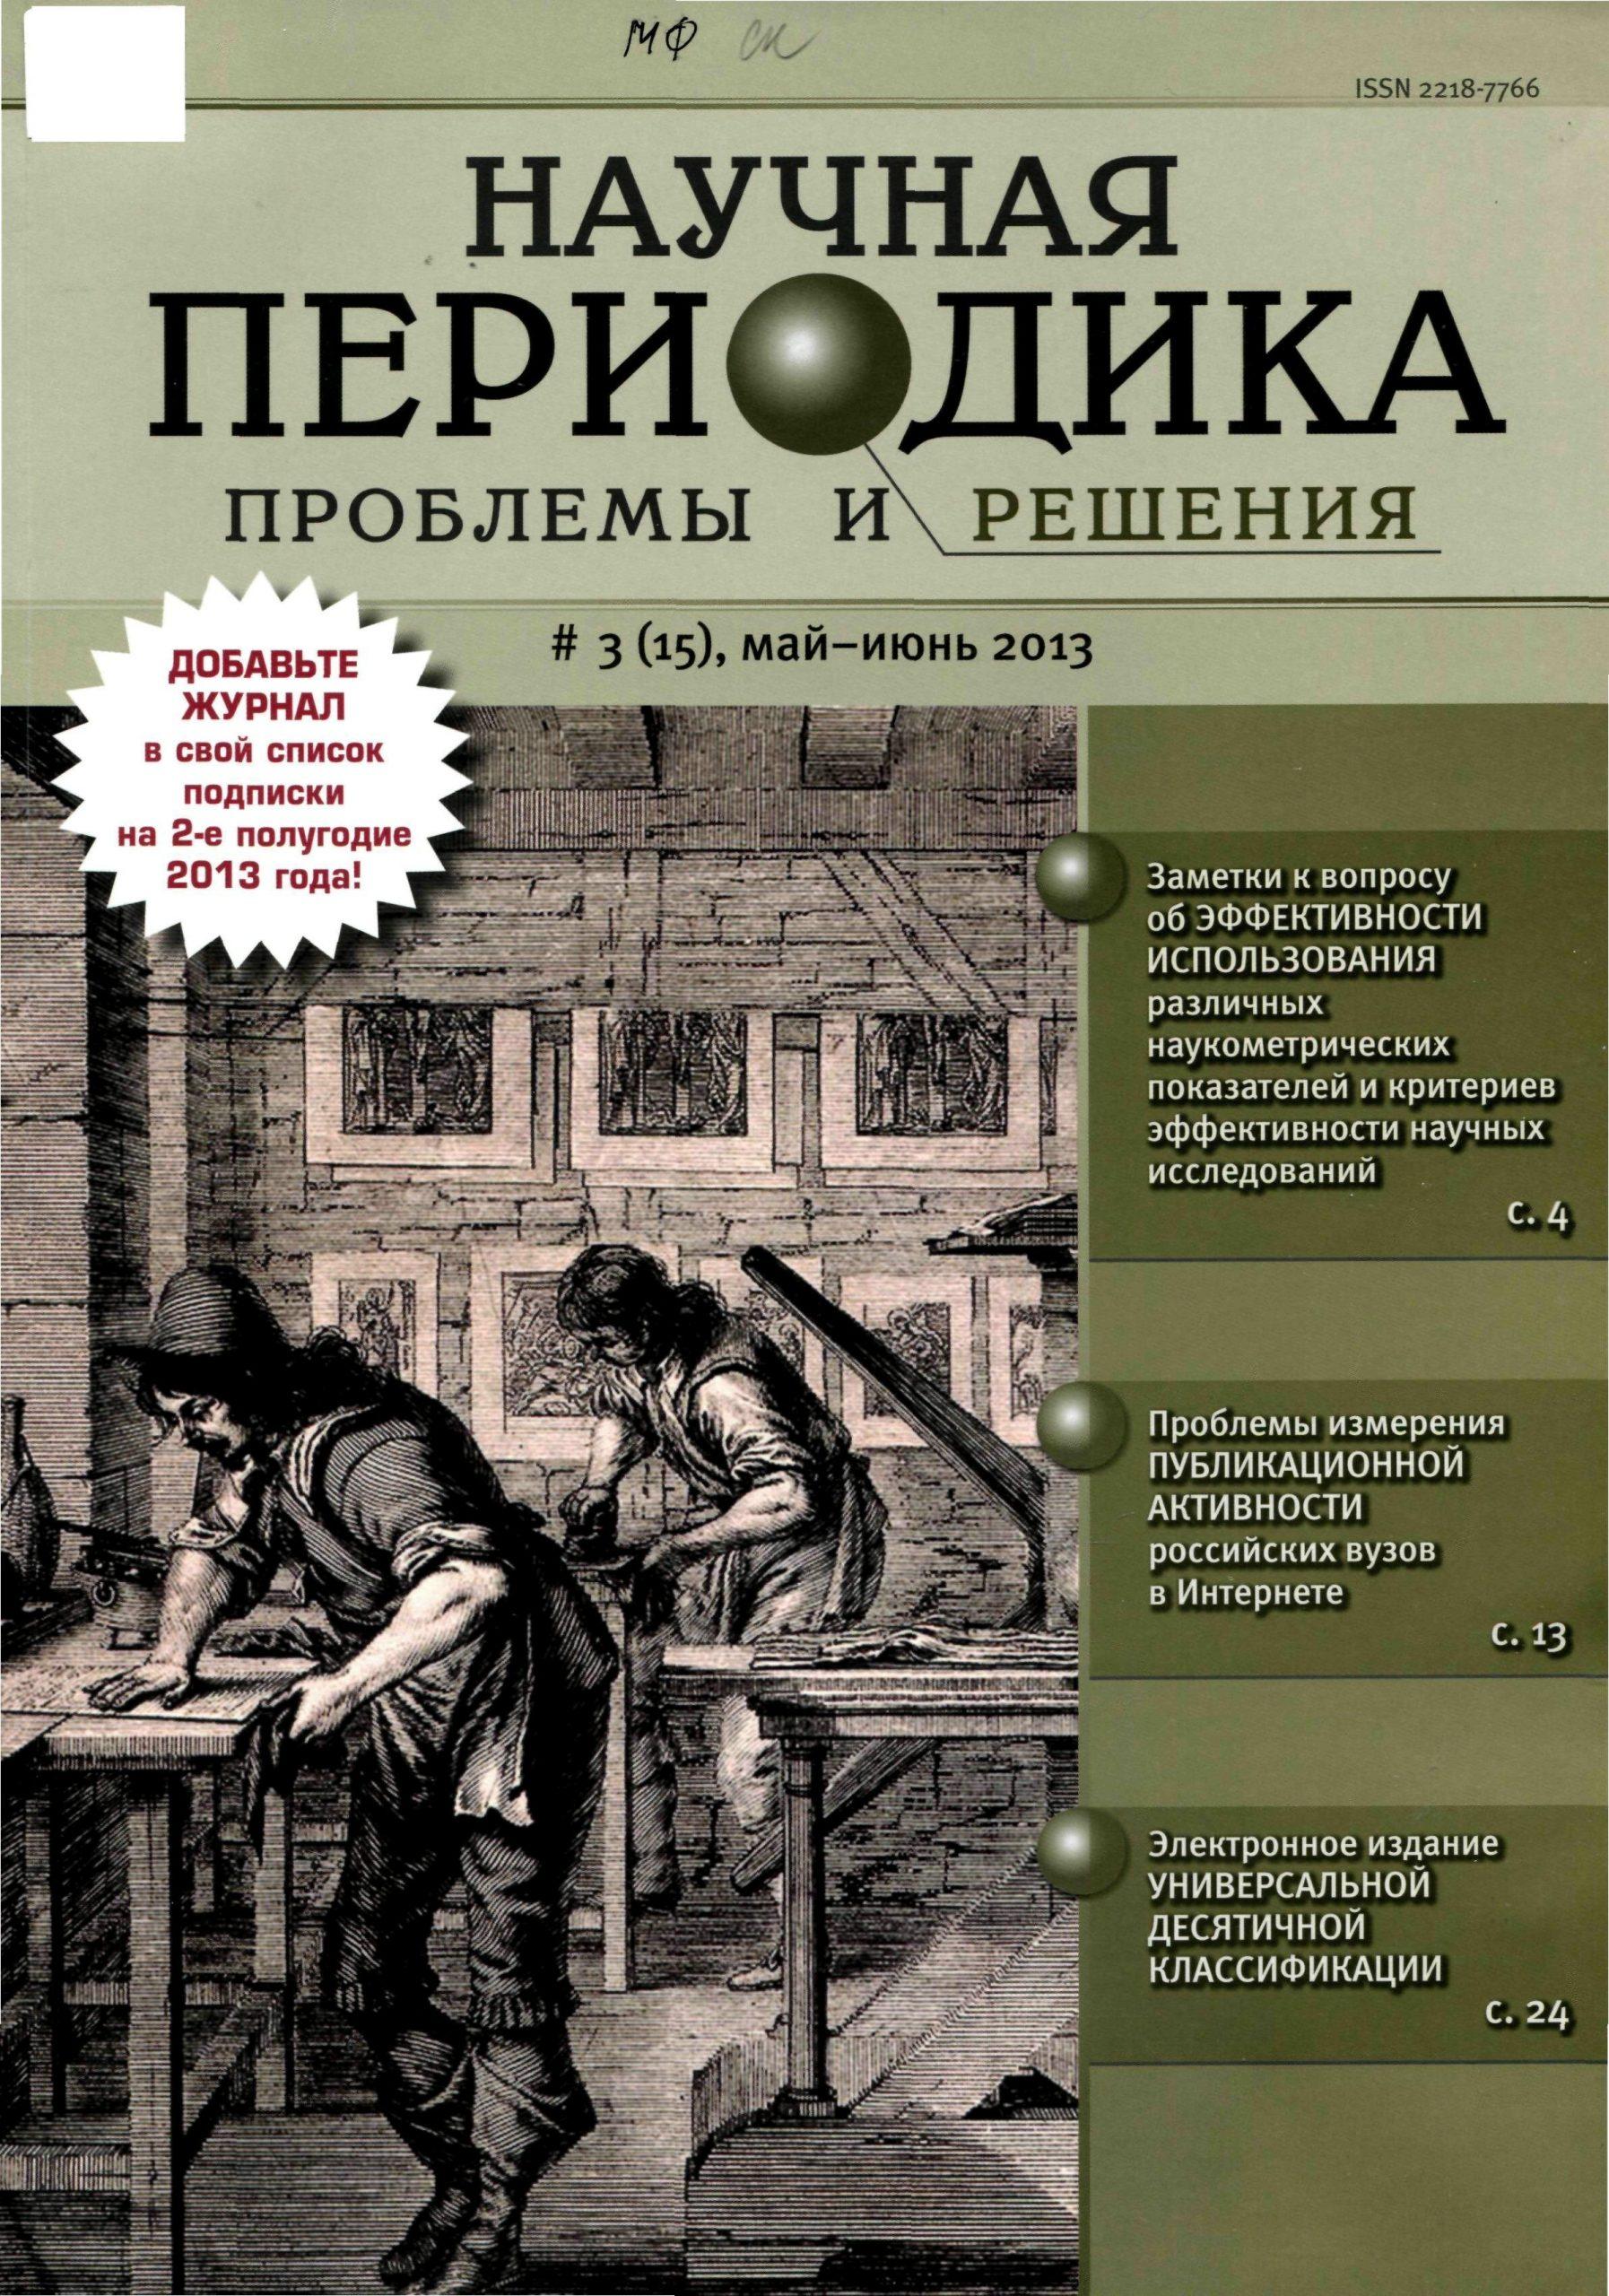 Печать переодических журналов в Москве | фото 5